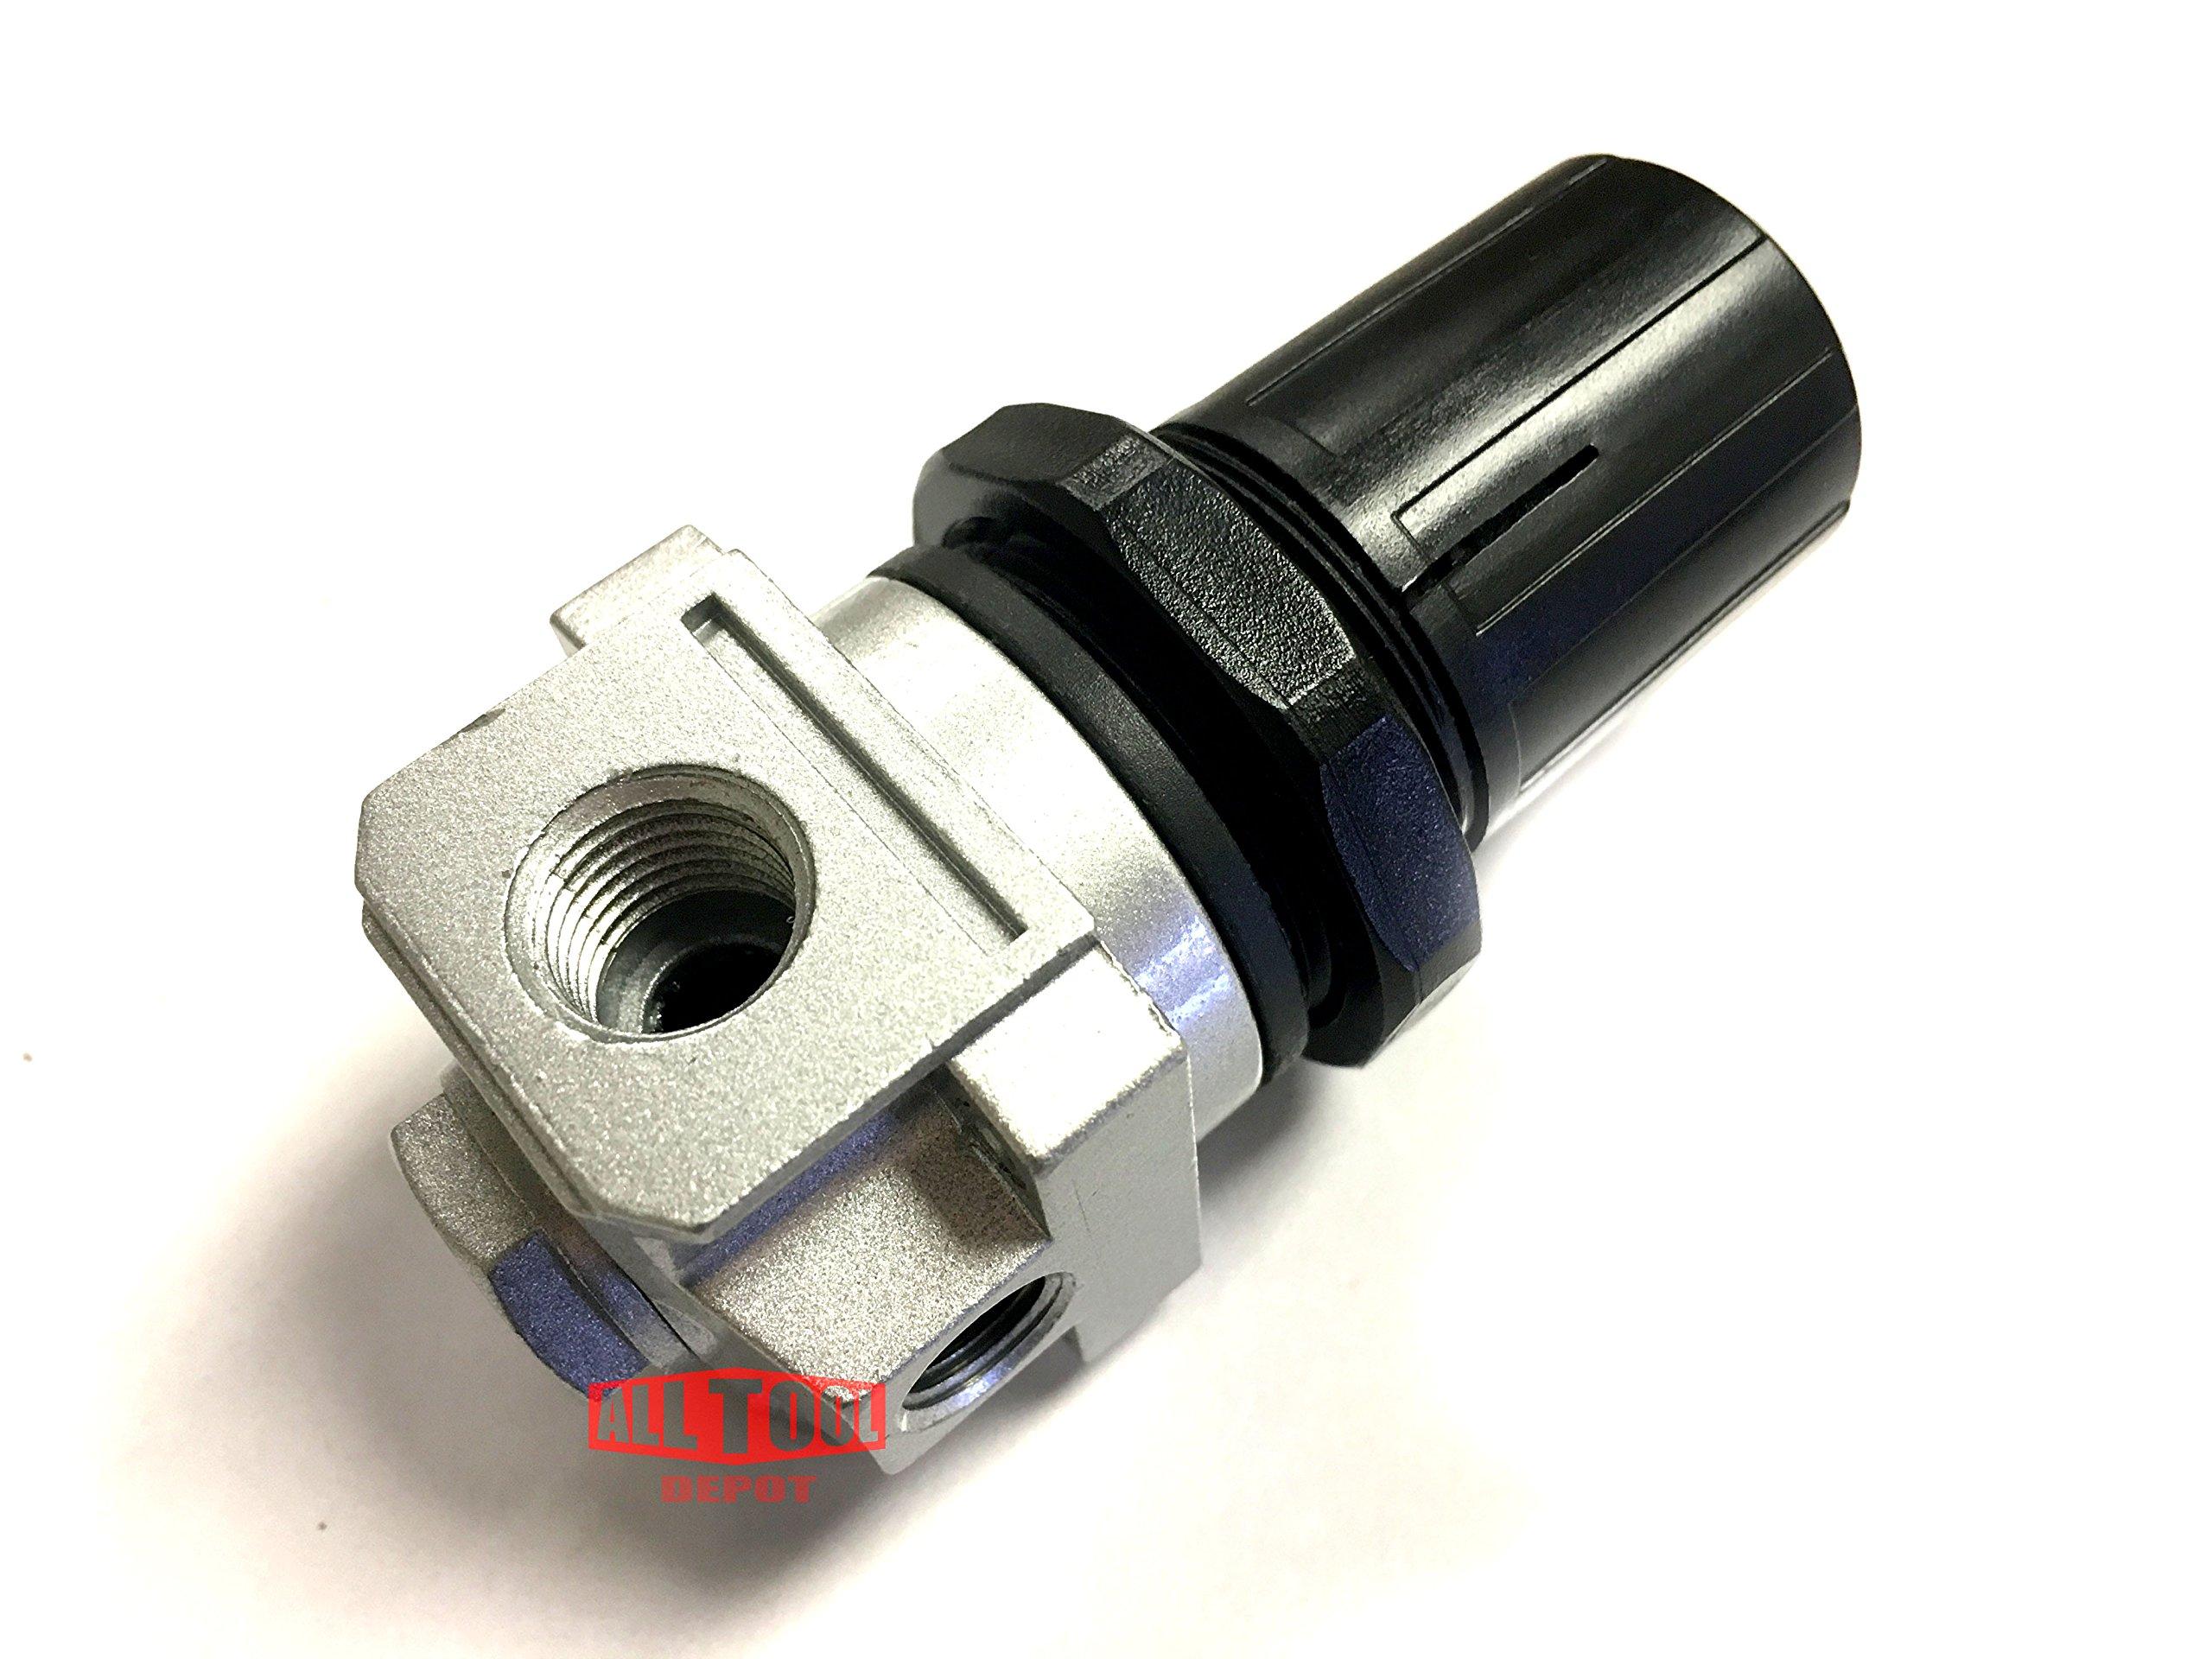 D27256 Air Compressor Regulator 4Port P1P2 Porter Cable Devilbiss & Craftsman